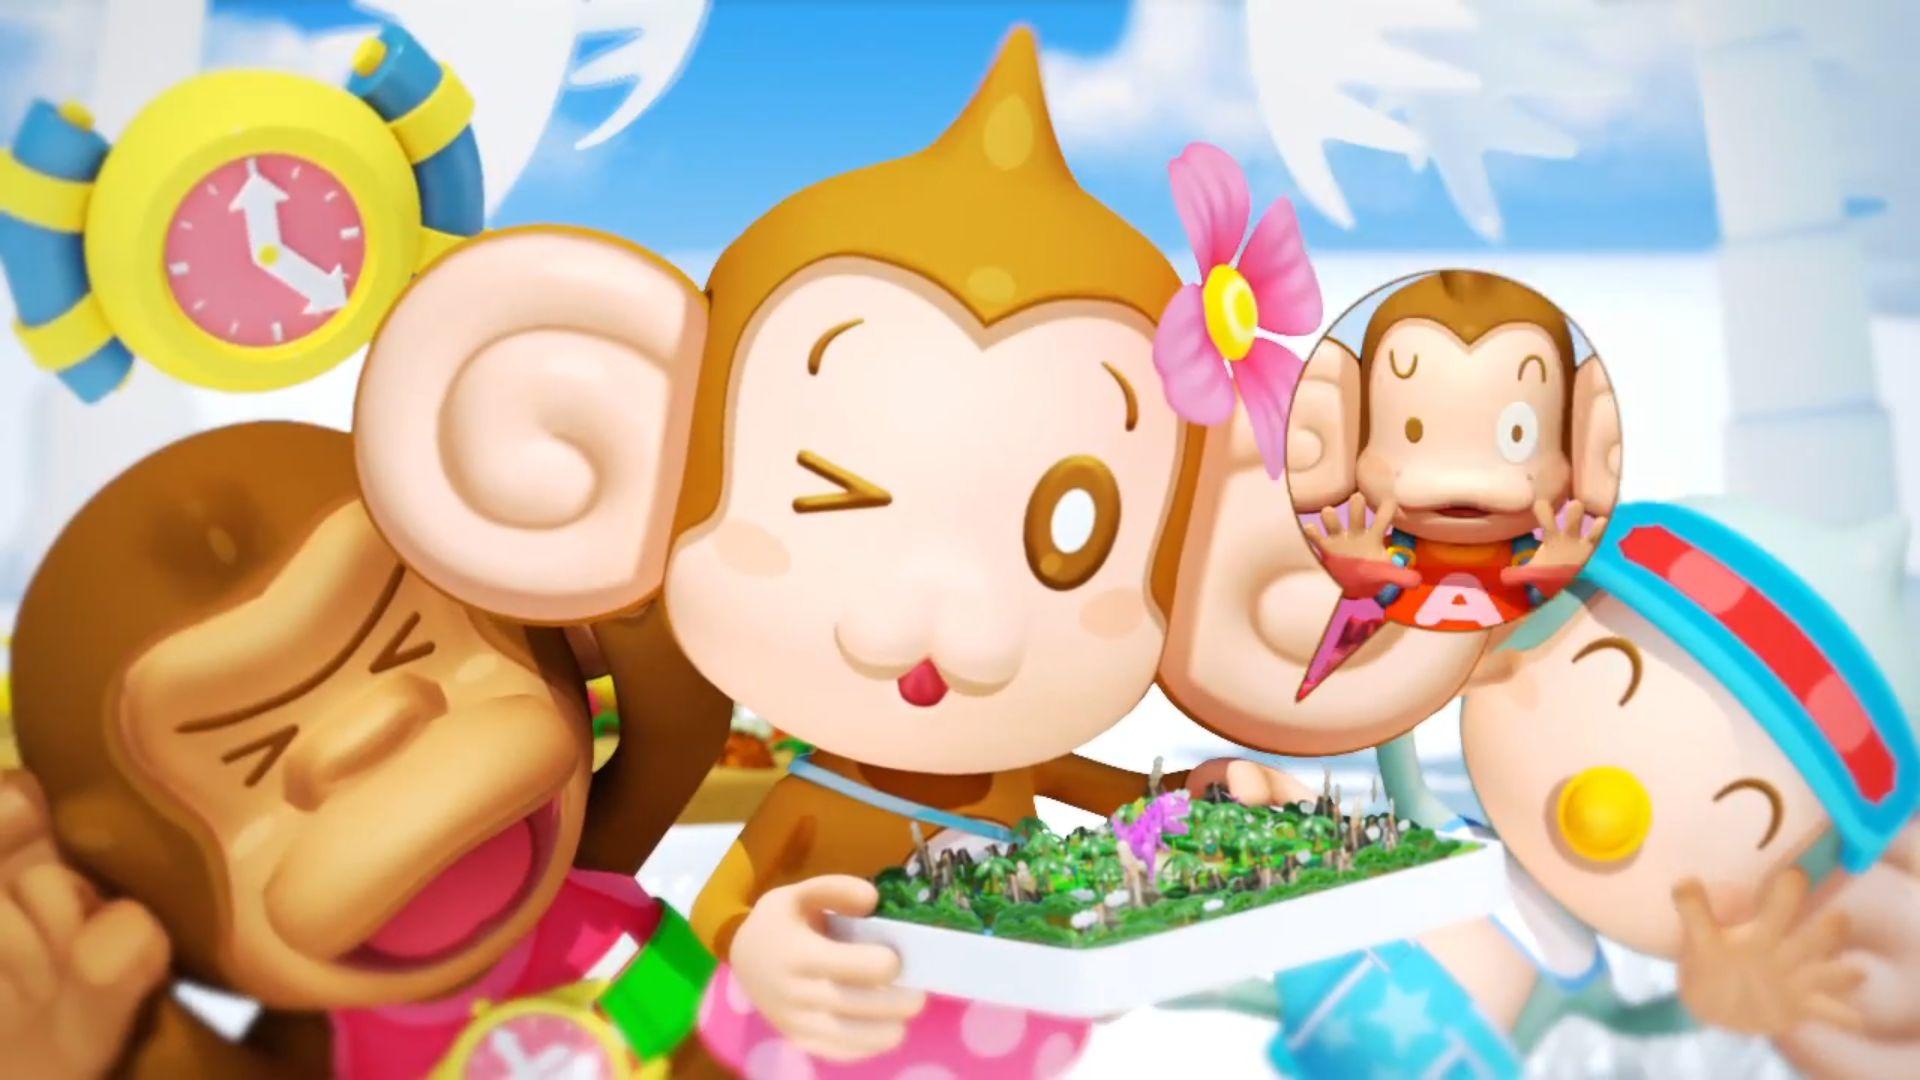 如龙系列制作人名越稔洋要在9月公布不同以往的游戏新作